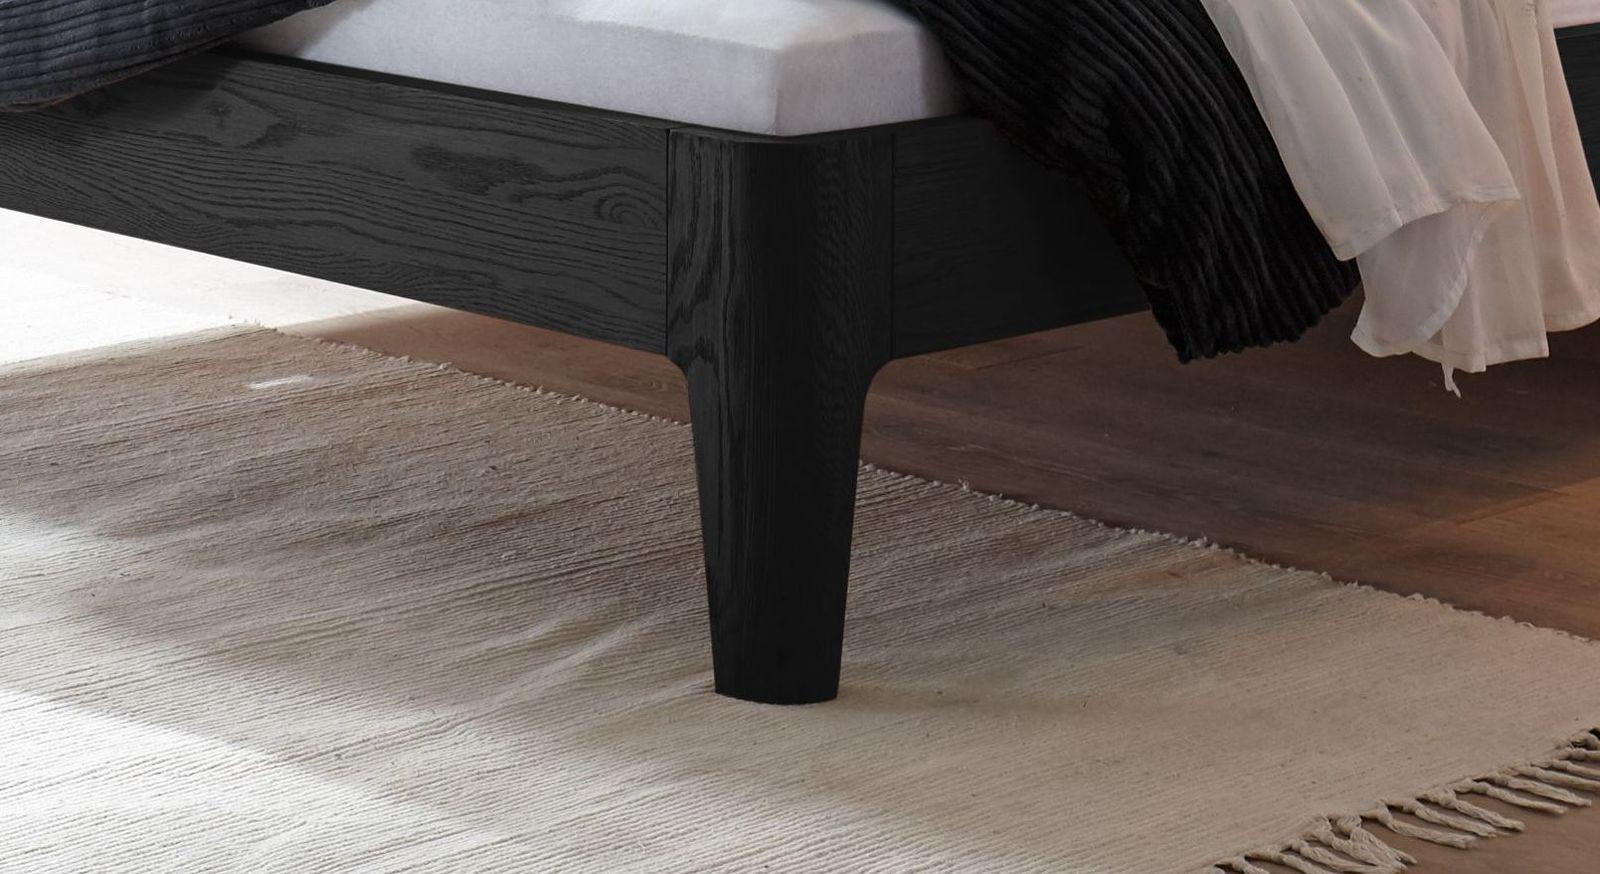 Bett Ambato mit konisch zulaufenden Bettbeinen